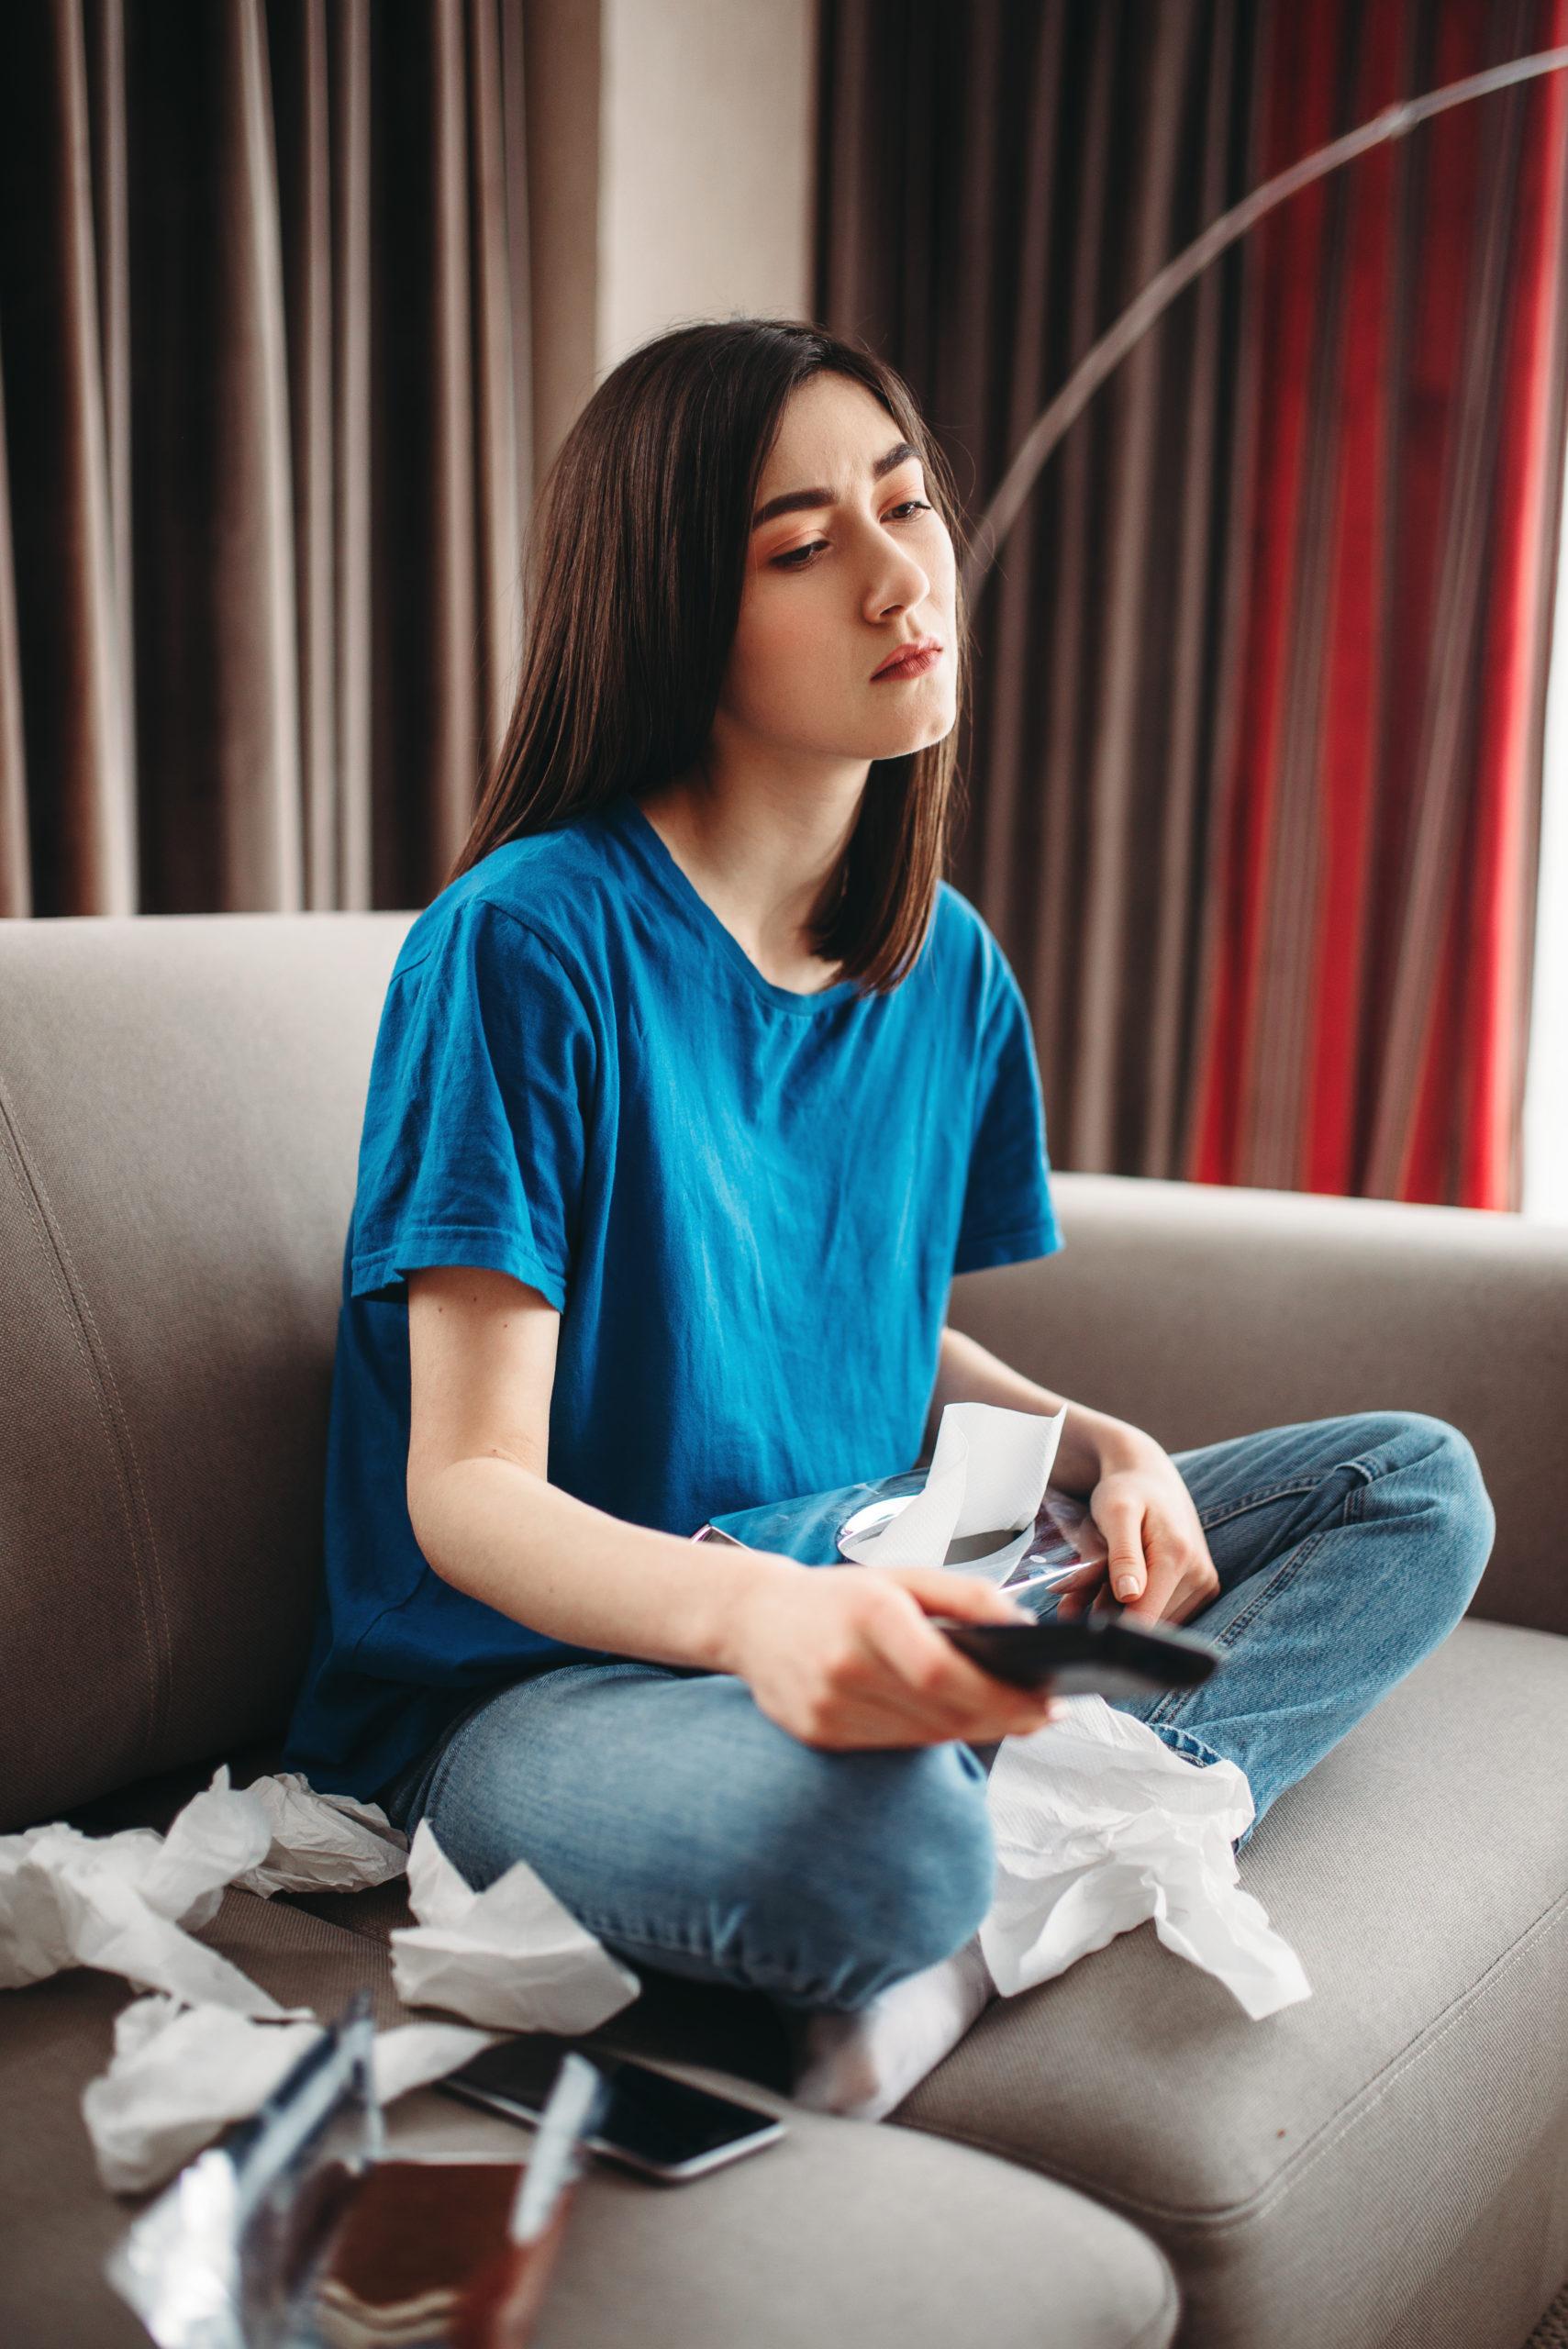 Porażka stres, brak pomysłu